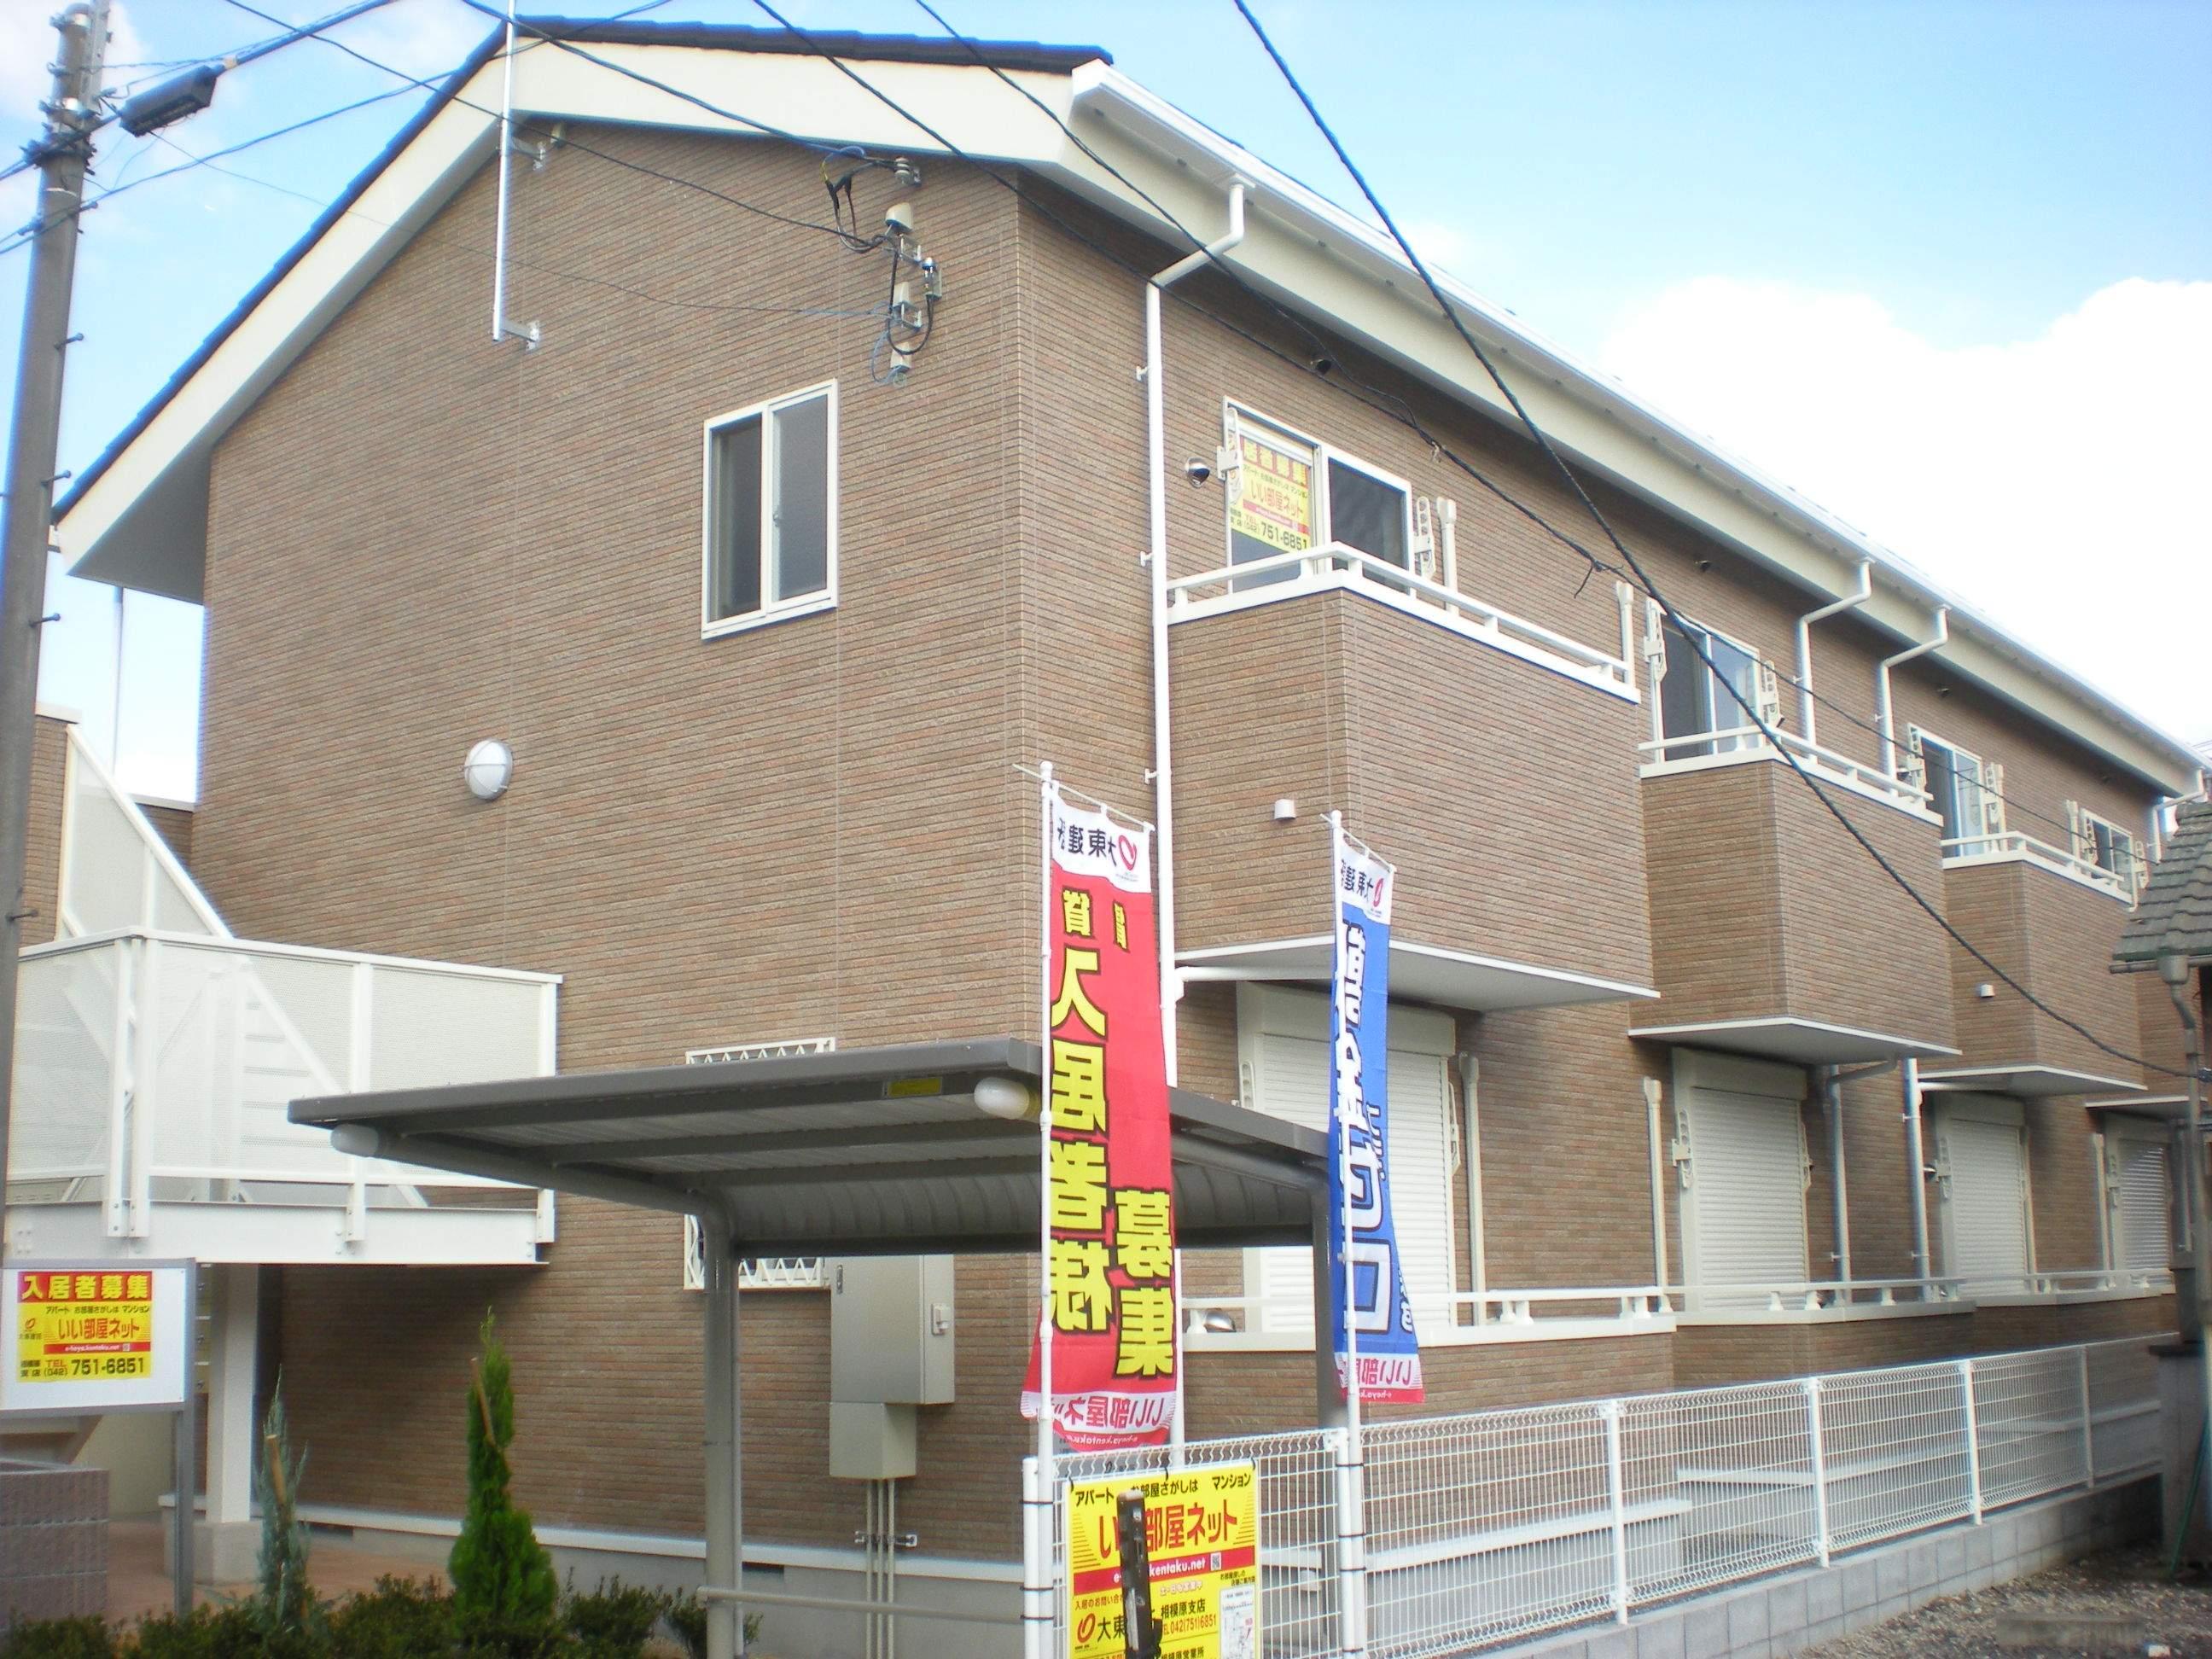 神奈川県相模原市中央区、矢部駅徒歩30分の築7年 2階建の賃貸アパート